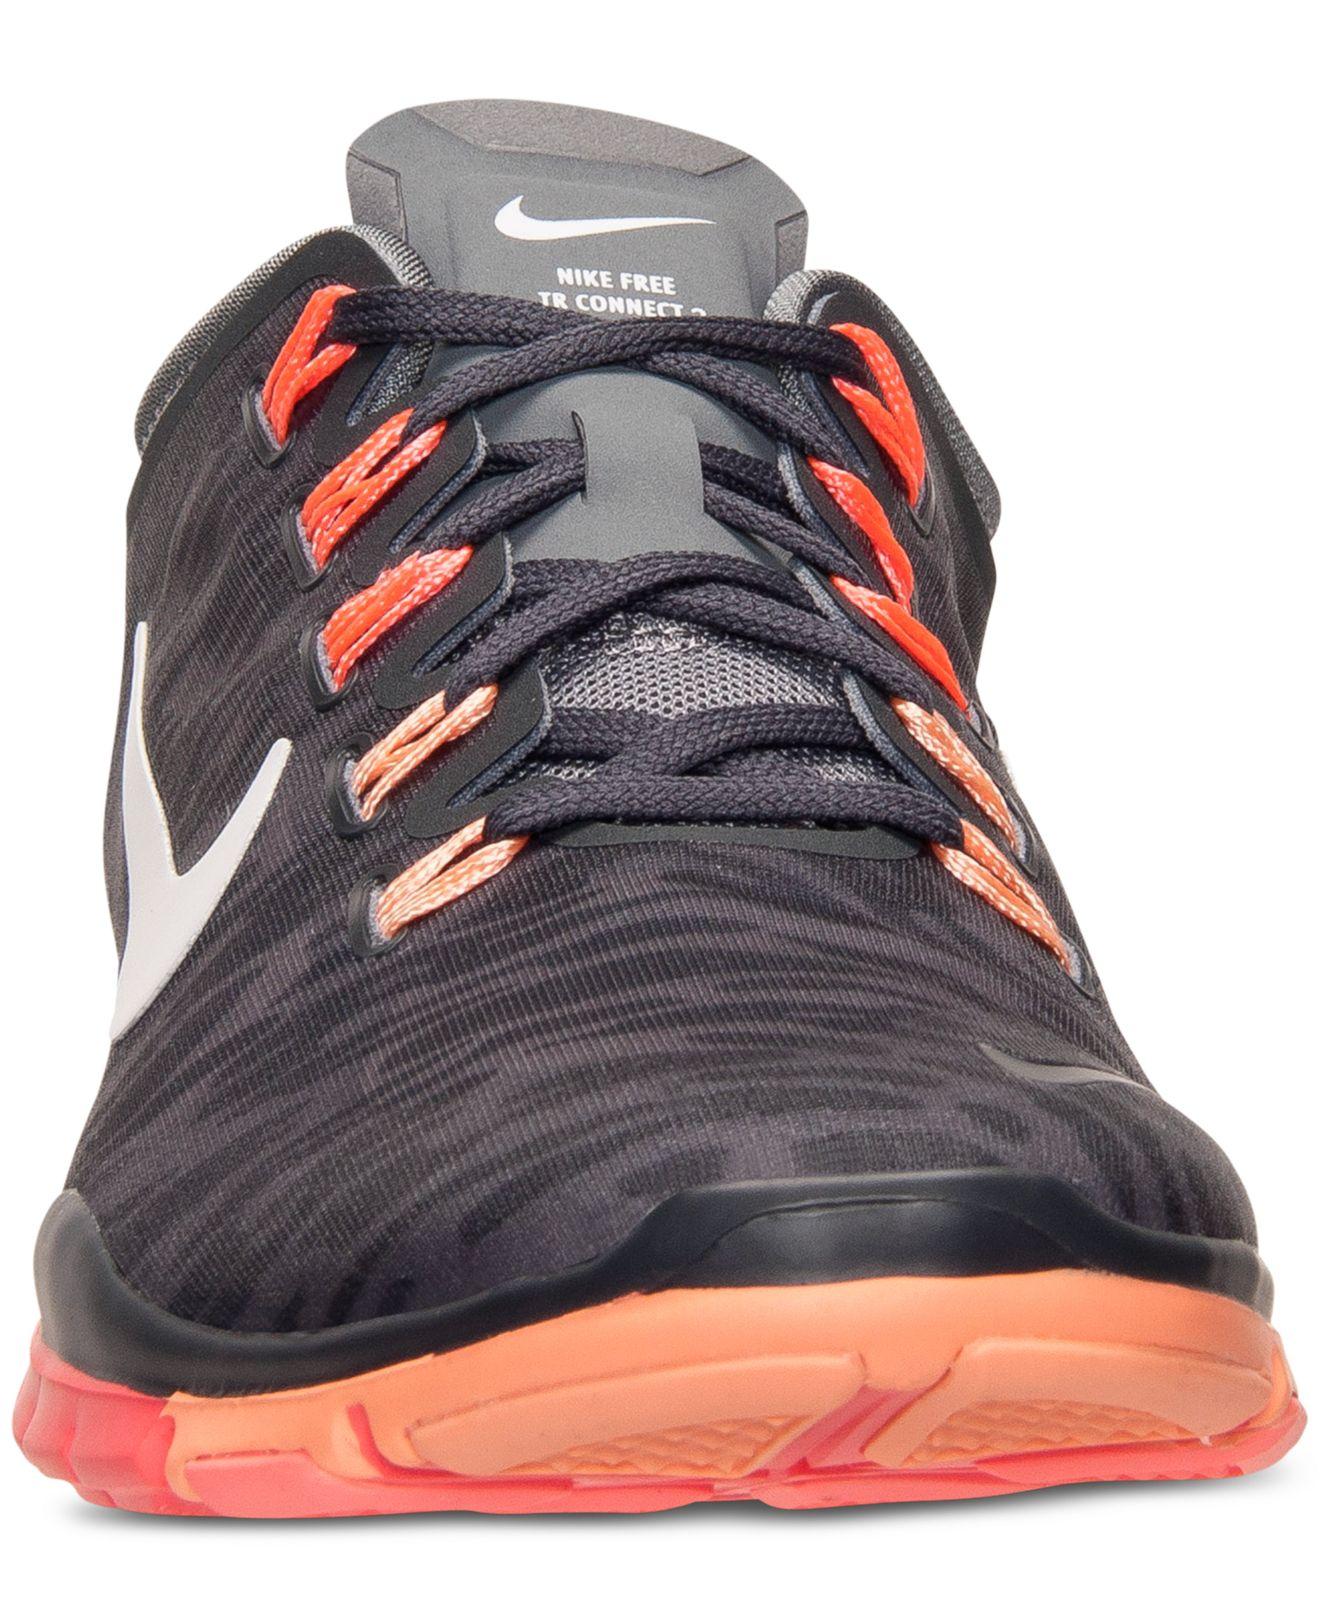 Femmes Nike Libre Tr Connecter 2 Chaussures De Sport De Formation De Ligne Darrivée